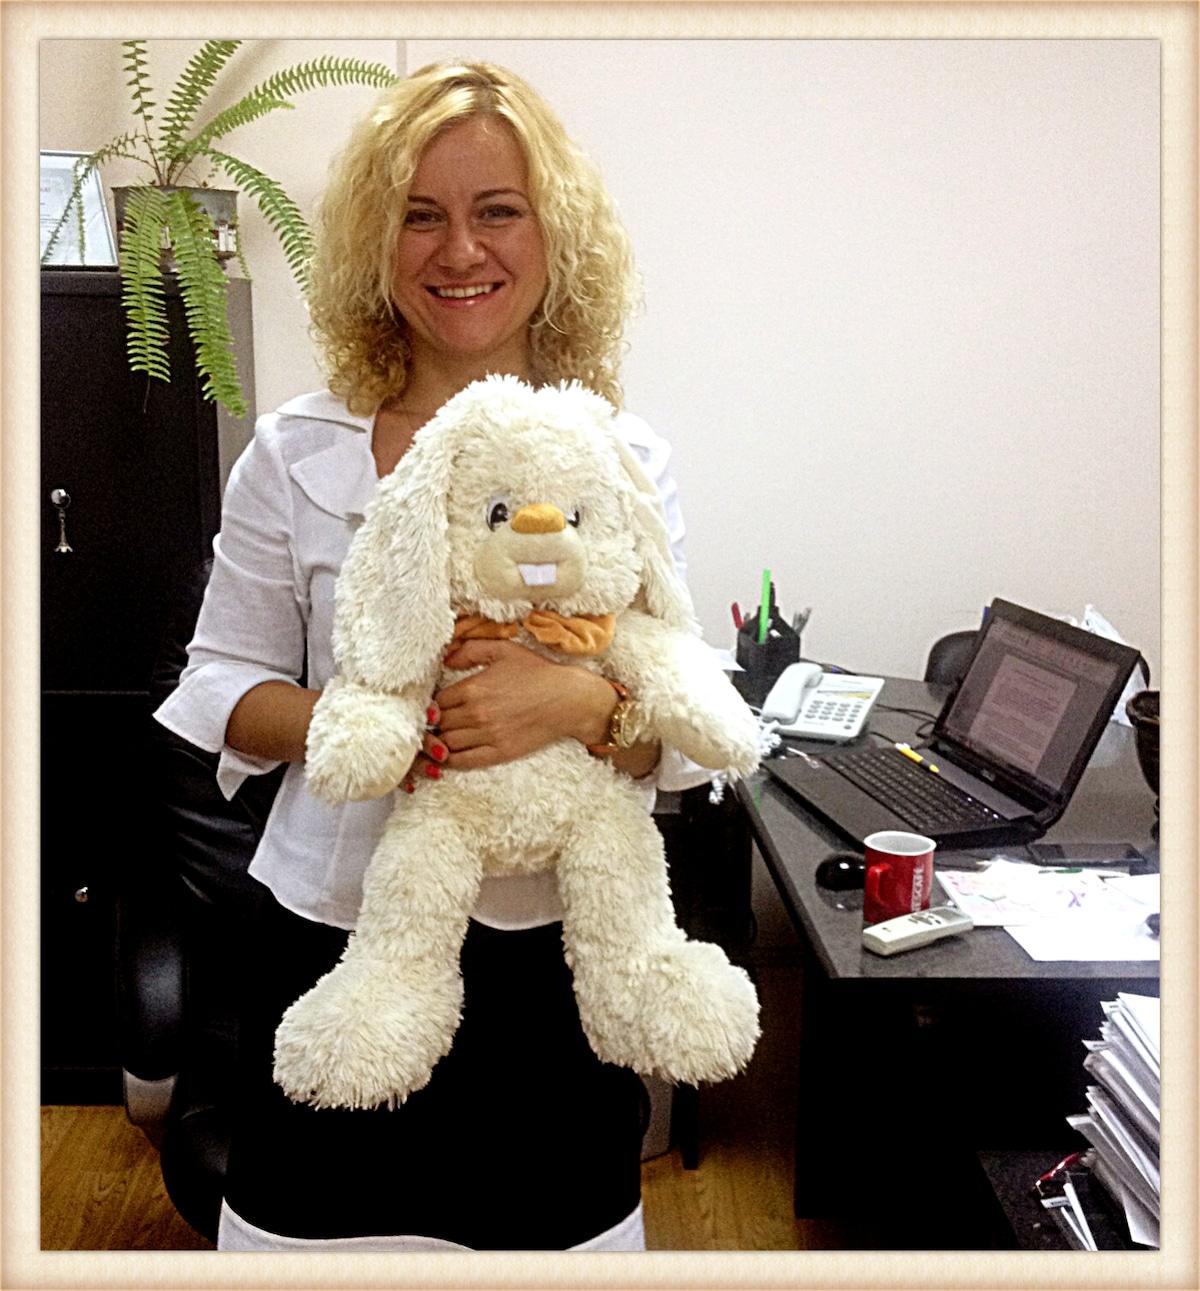 Yulya from L'viv